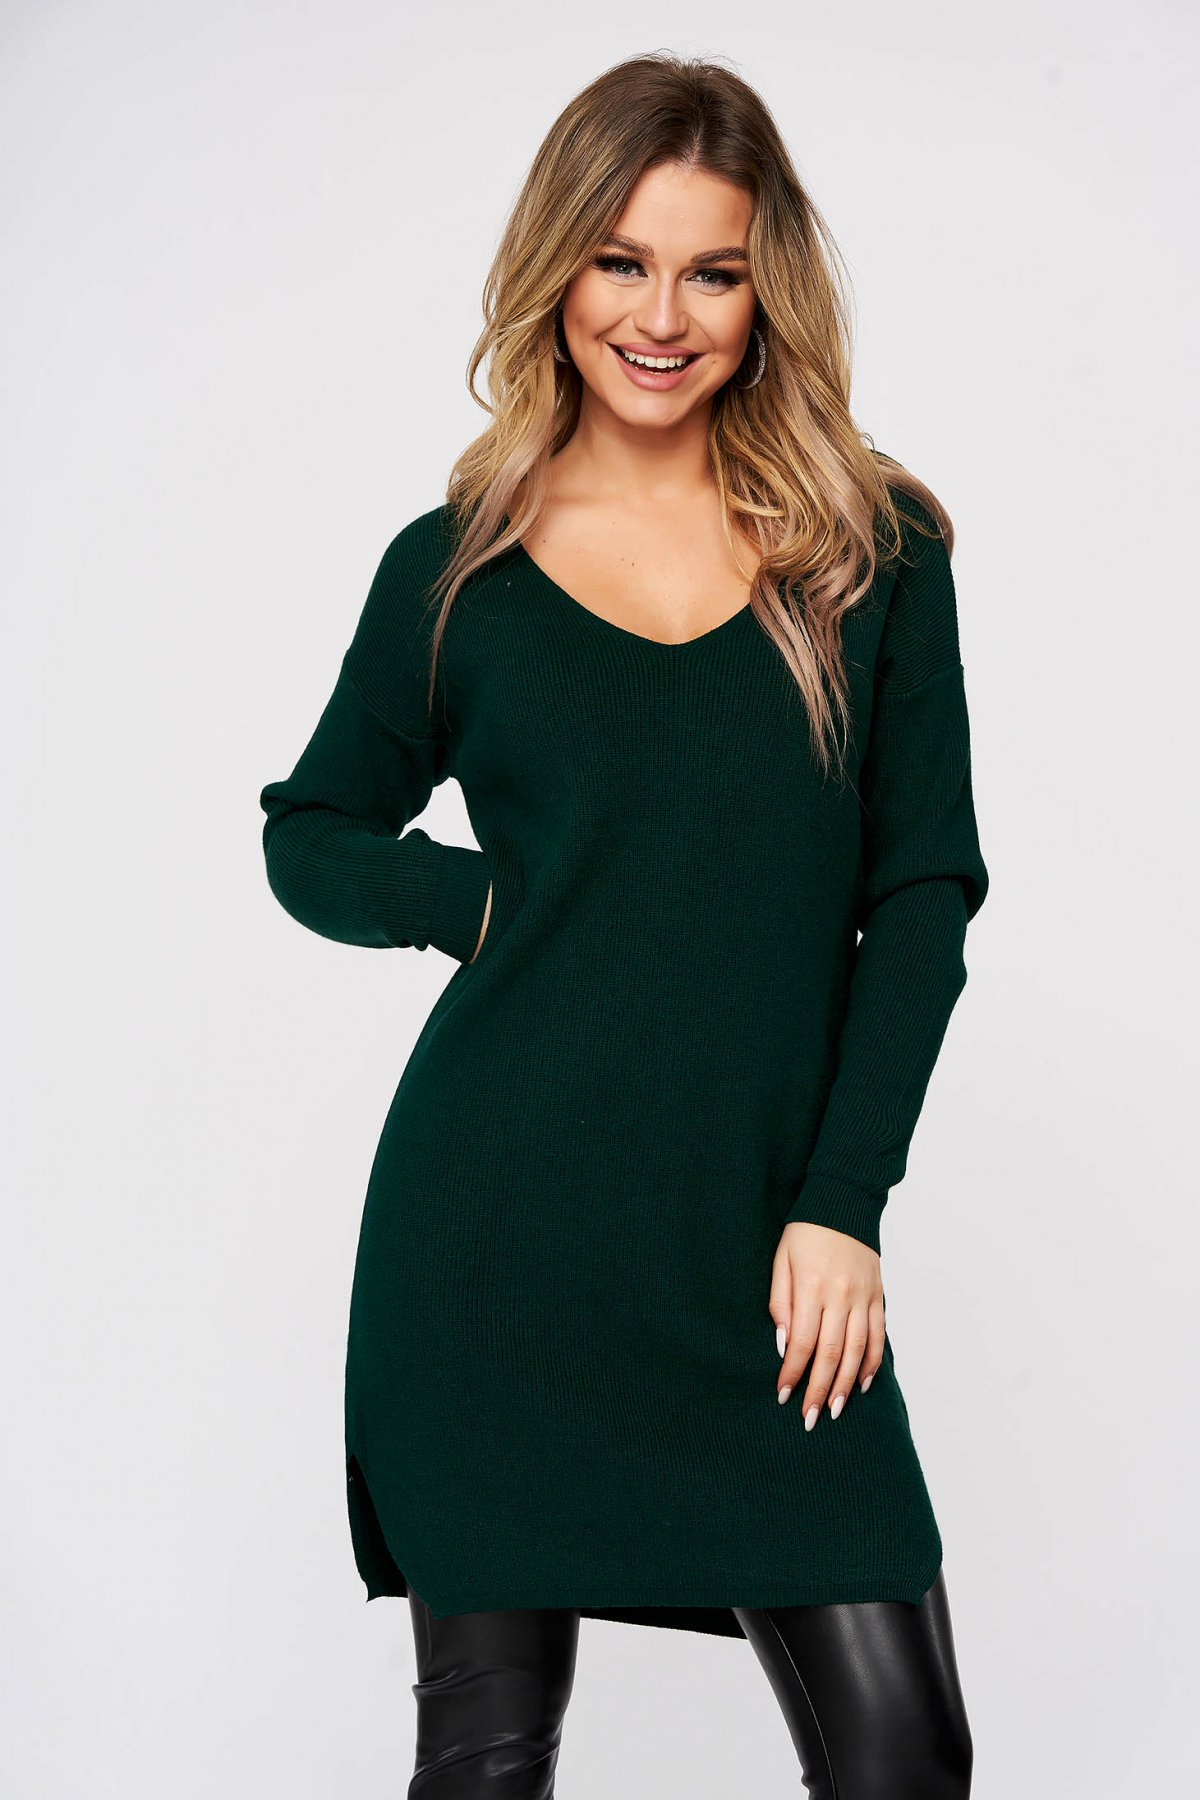 Bluza SunShine verzi tricotat din material reiat elastic si fin slit lateral cu decolteu in v imagine